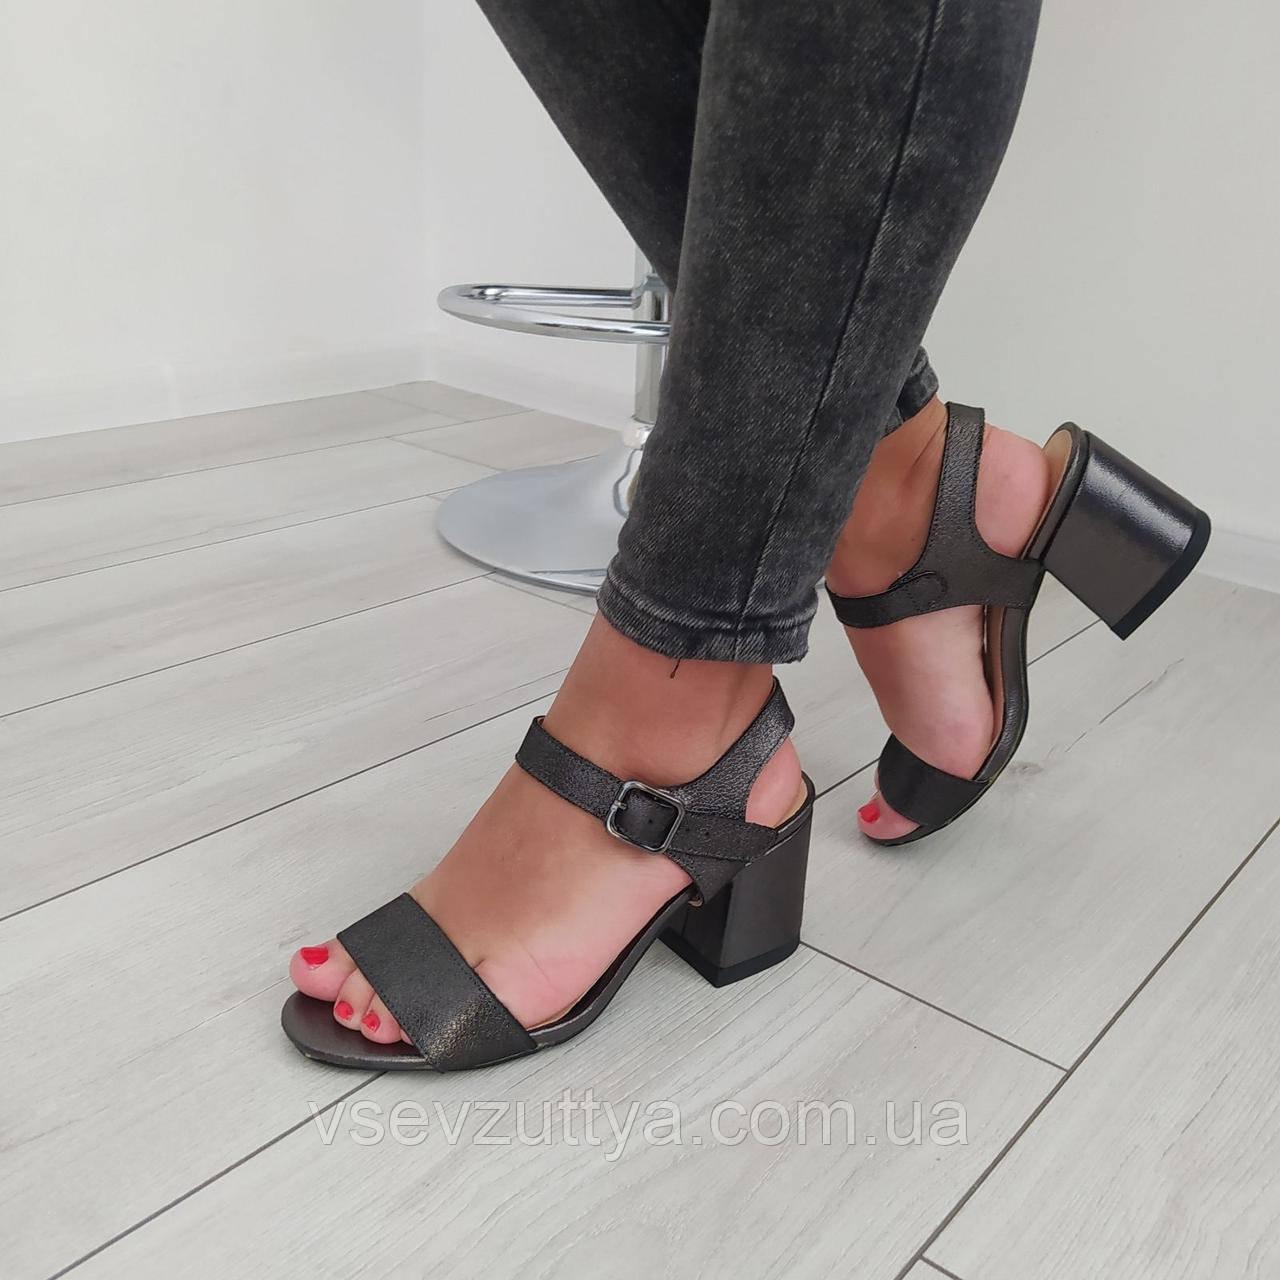 Босоножки кожаные женские черные на каблуке